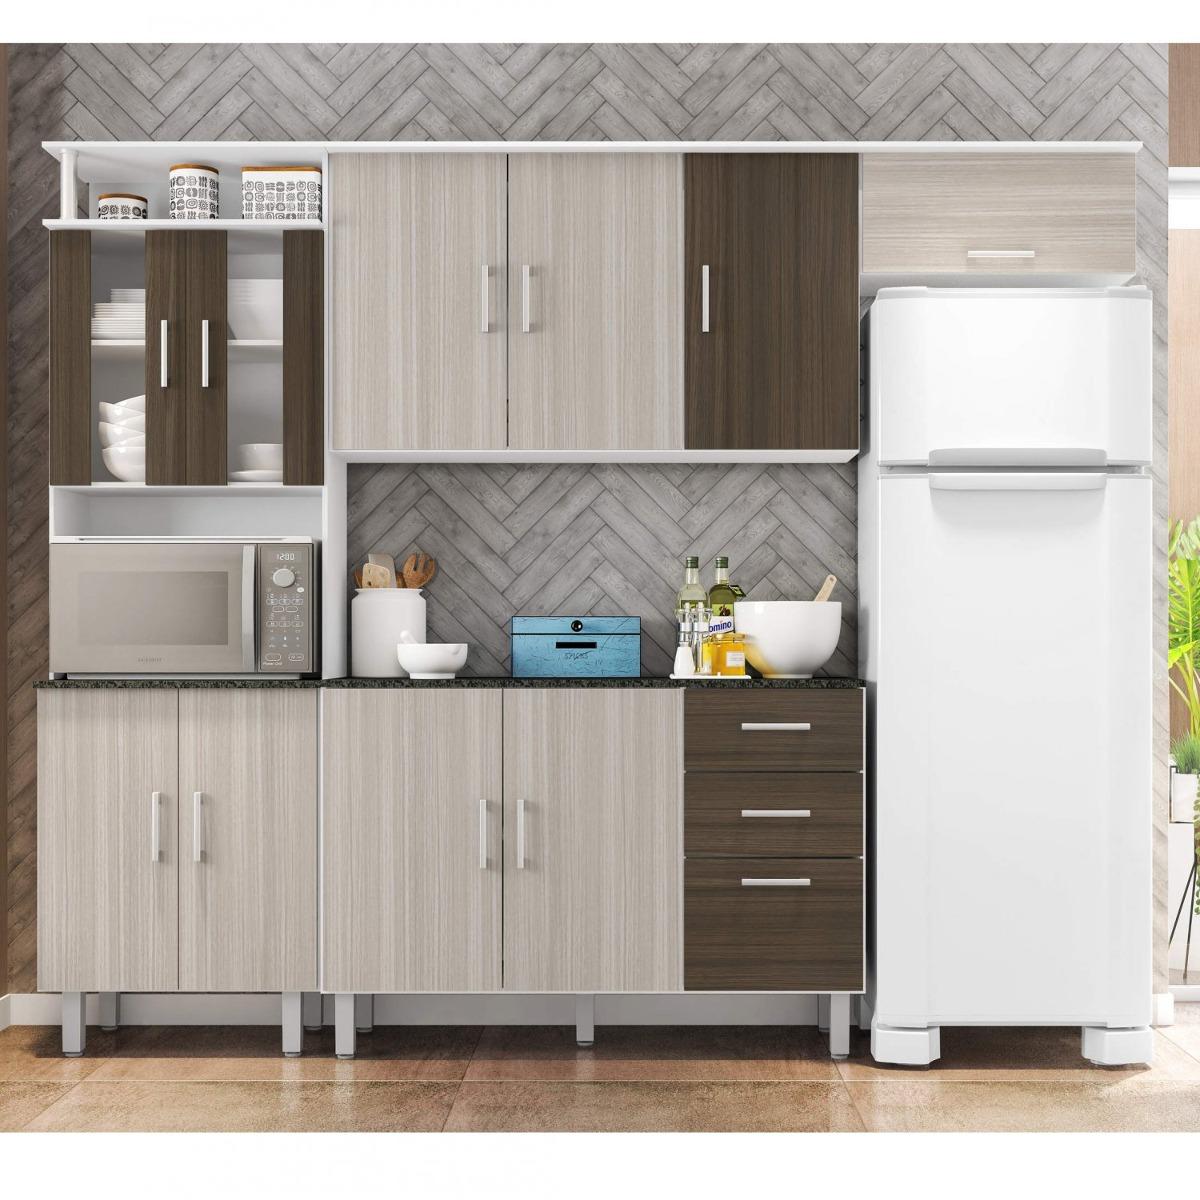 Cozinha Compacta Balc O Com Tampo 120cm 3 Pe As Gewt R 556 70 Em